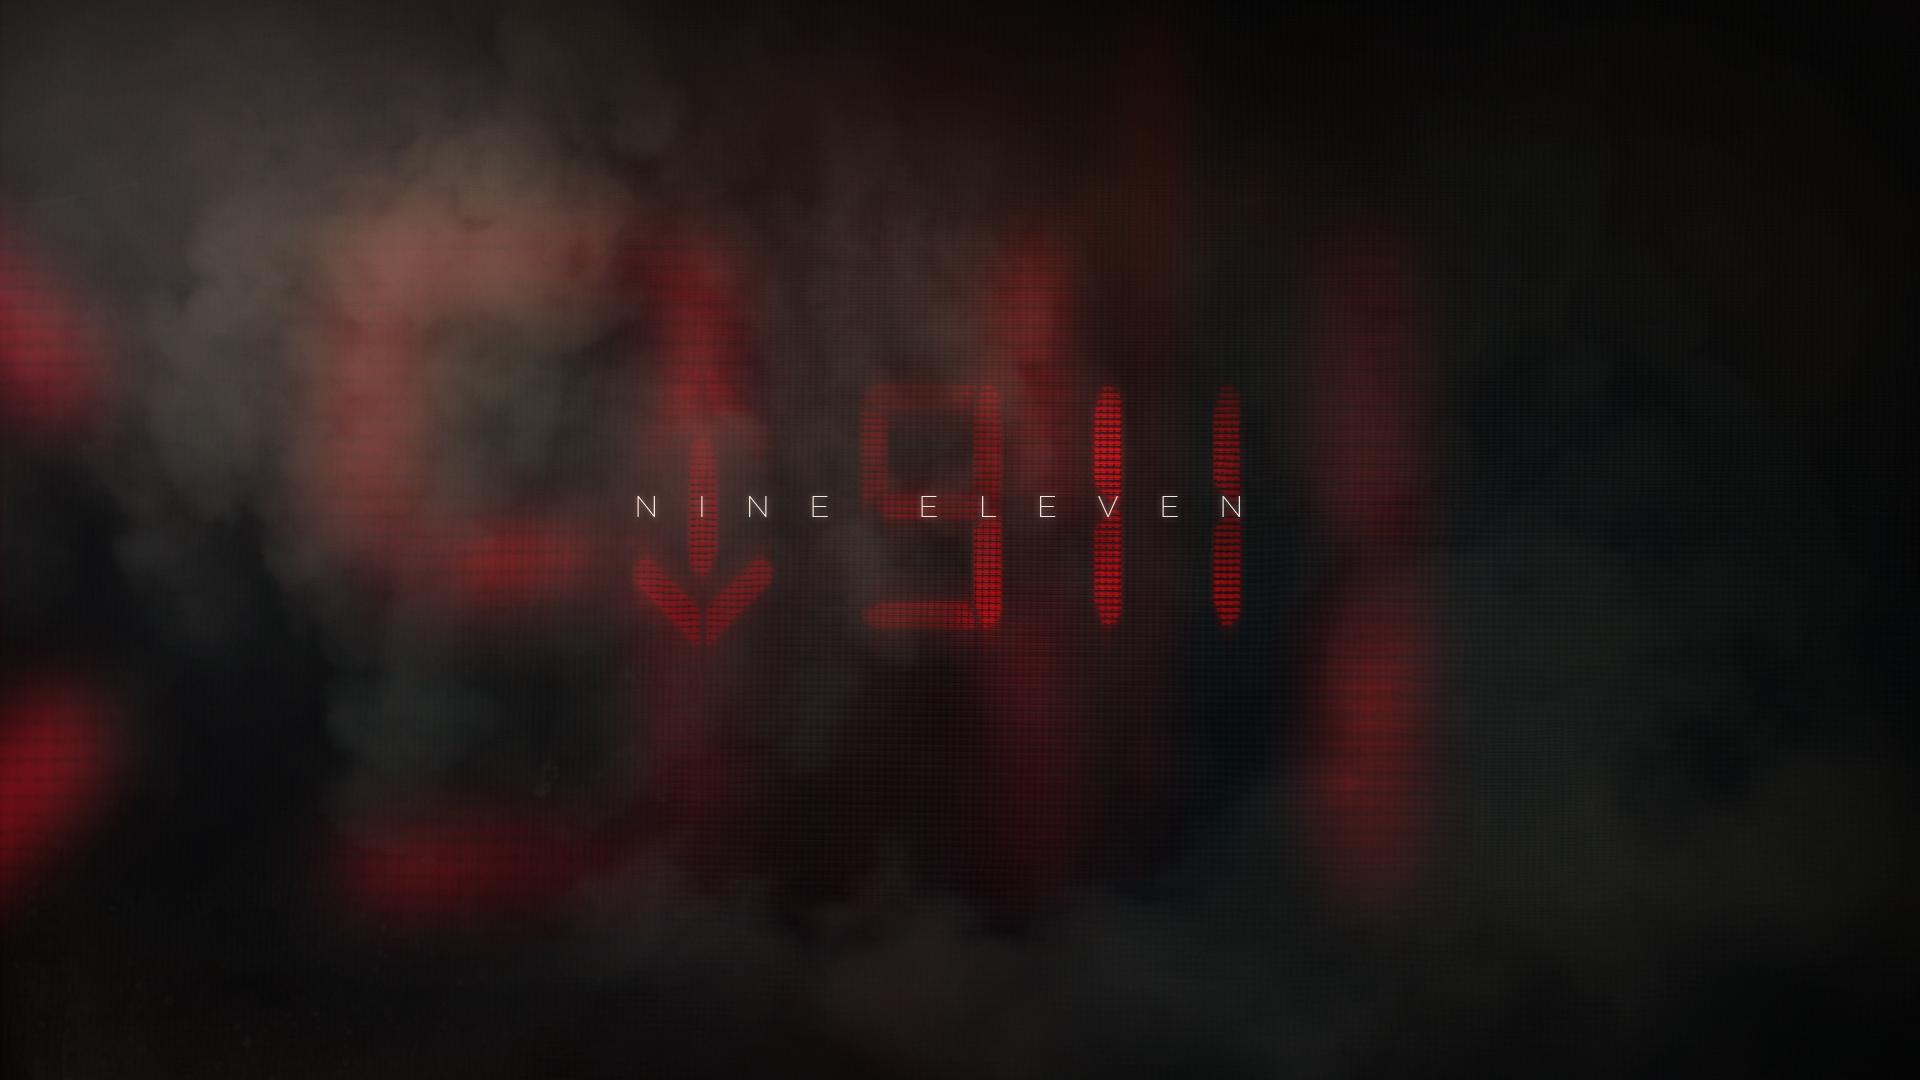 NineEleven_11.jpg